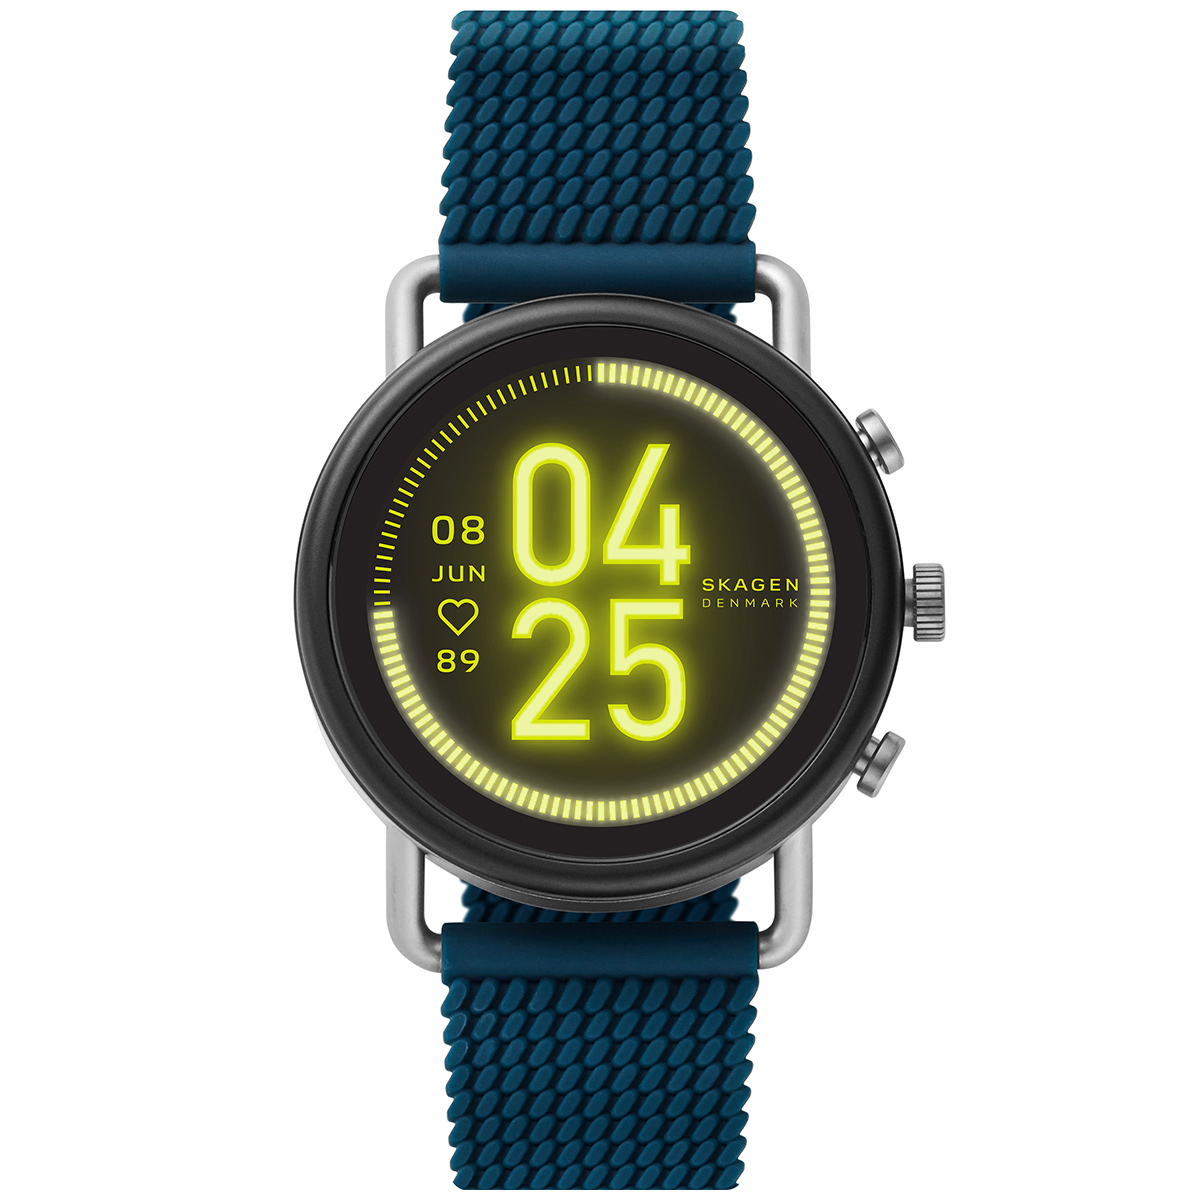 スカーゲン SKAGEN スマートウォッチ ウェアラブル 腕時計 メンズ レディース フォルスター3 FALSTER 3 SKT5203